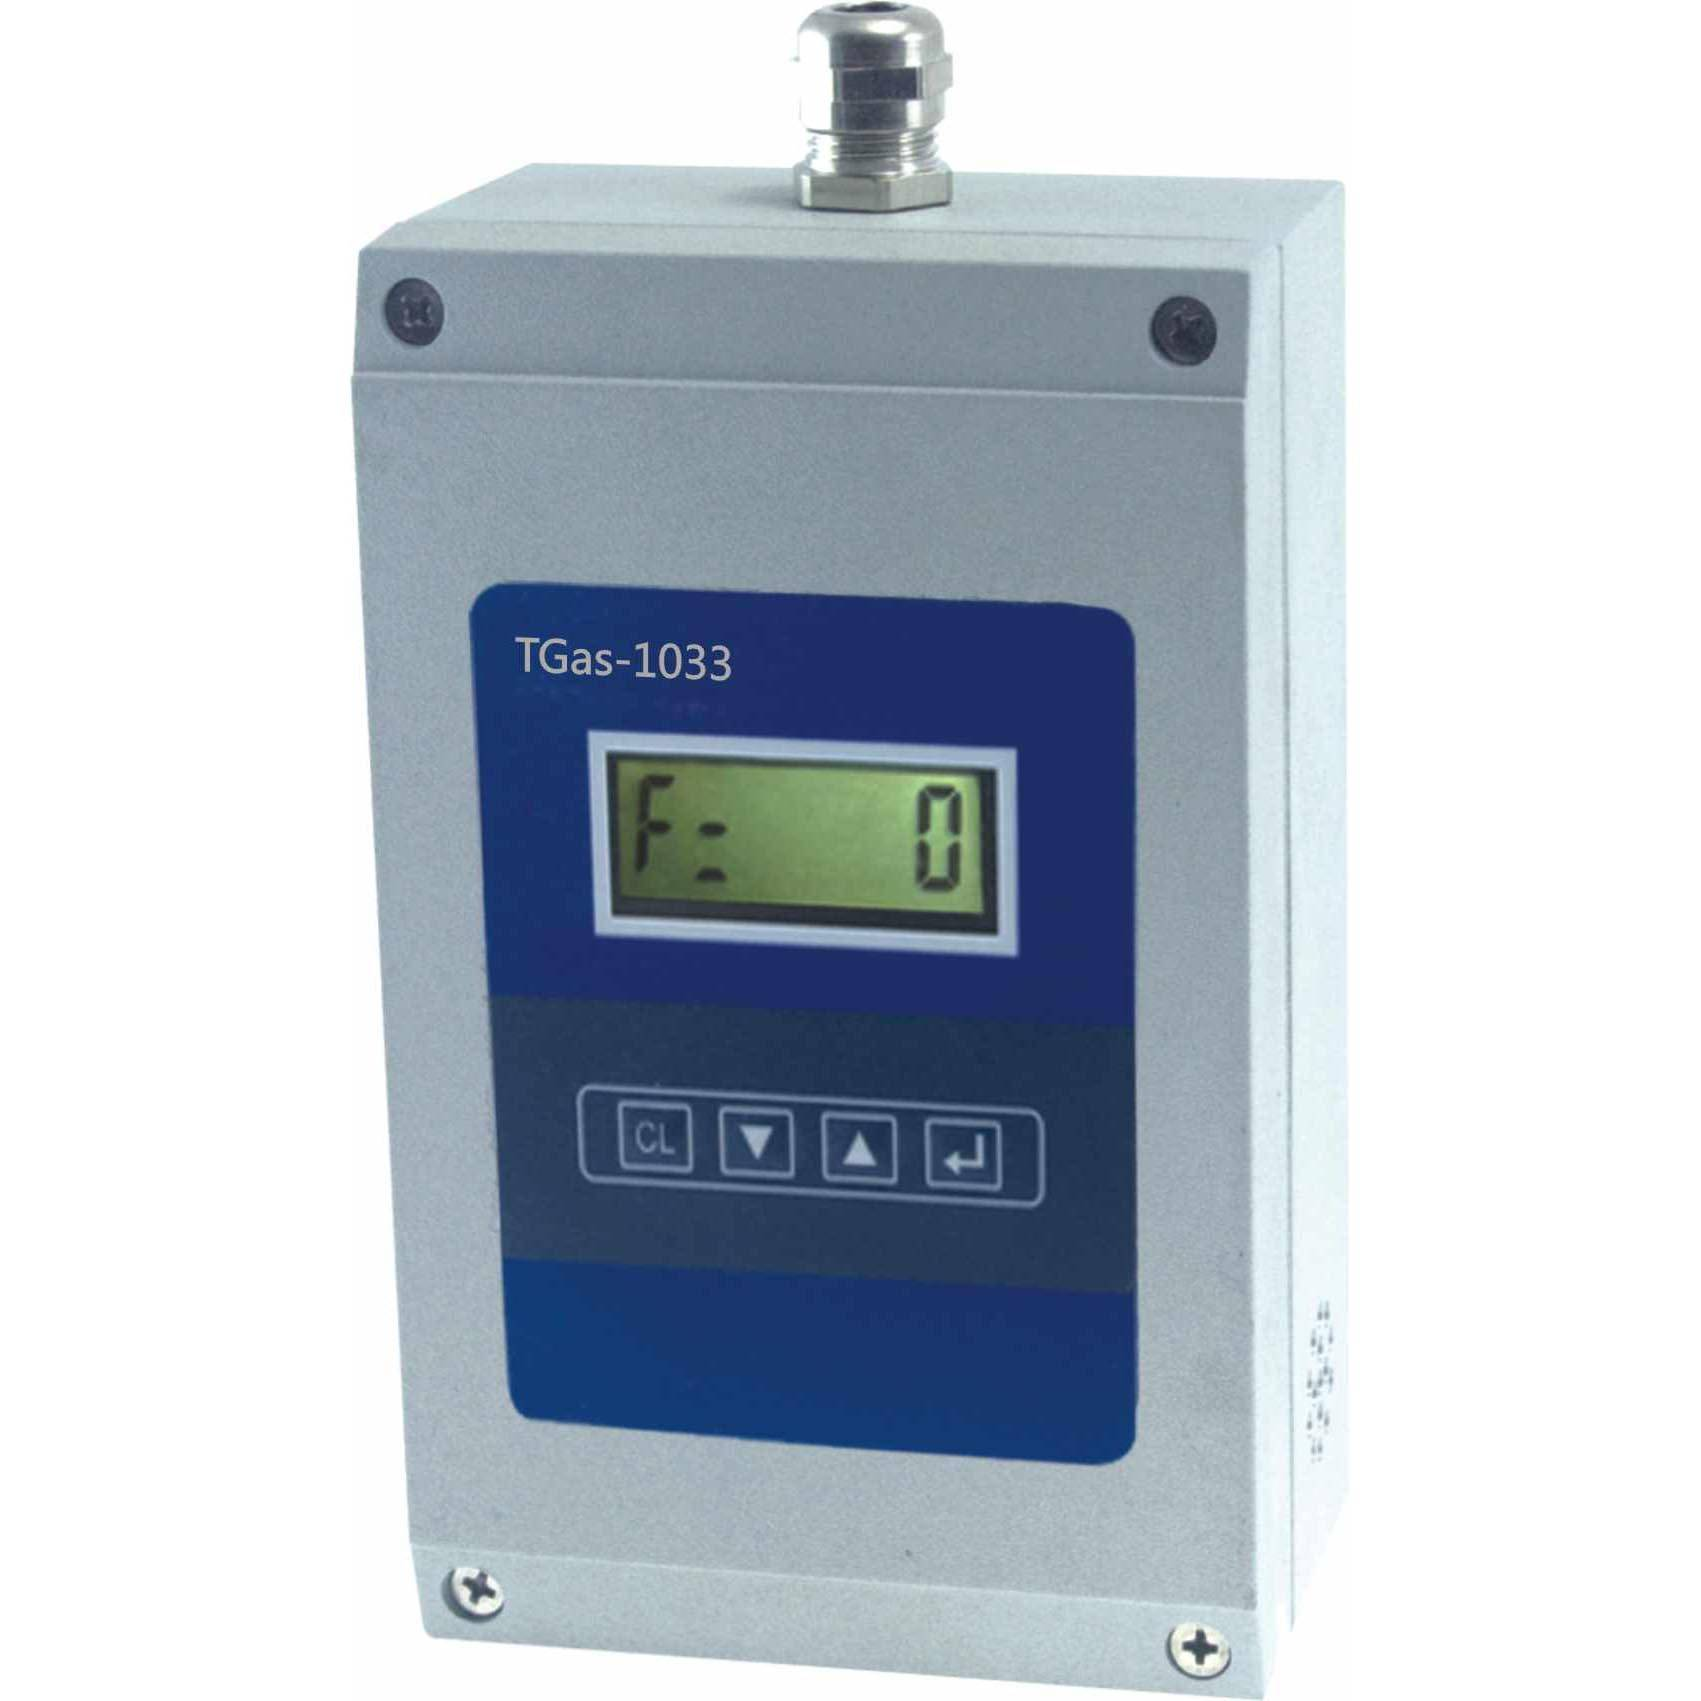 TGas-1033 Series Infrared Series Gas Transmitter